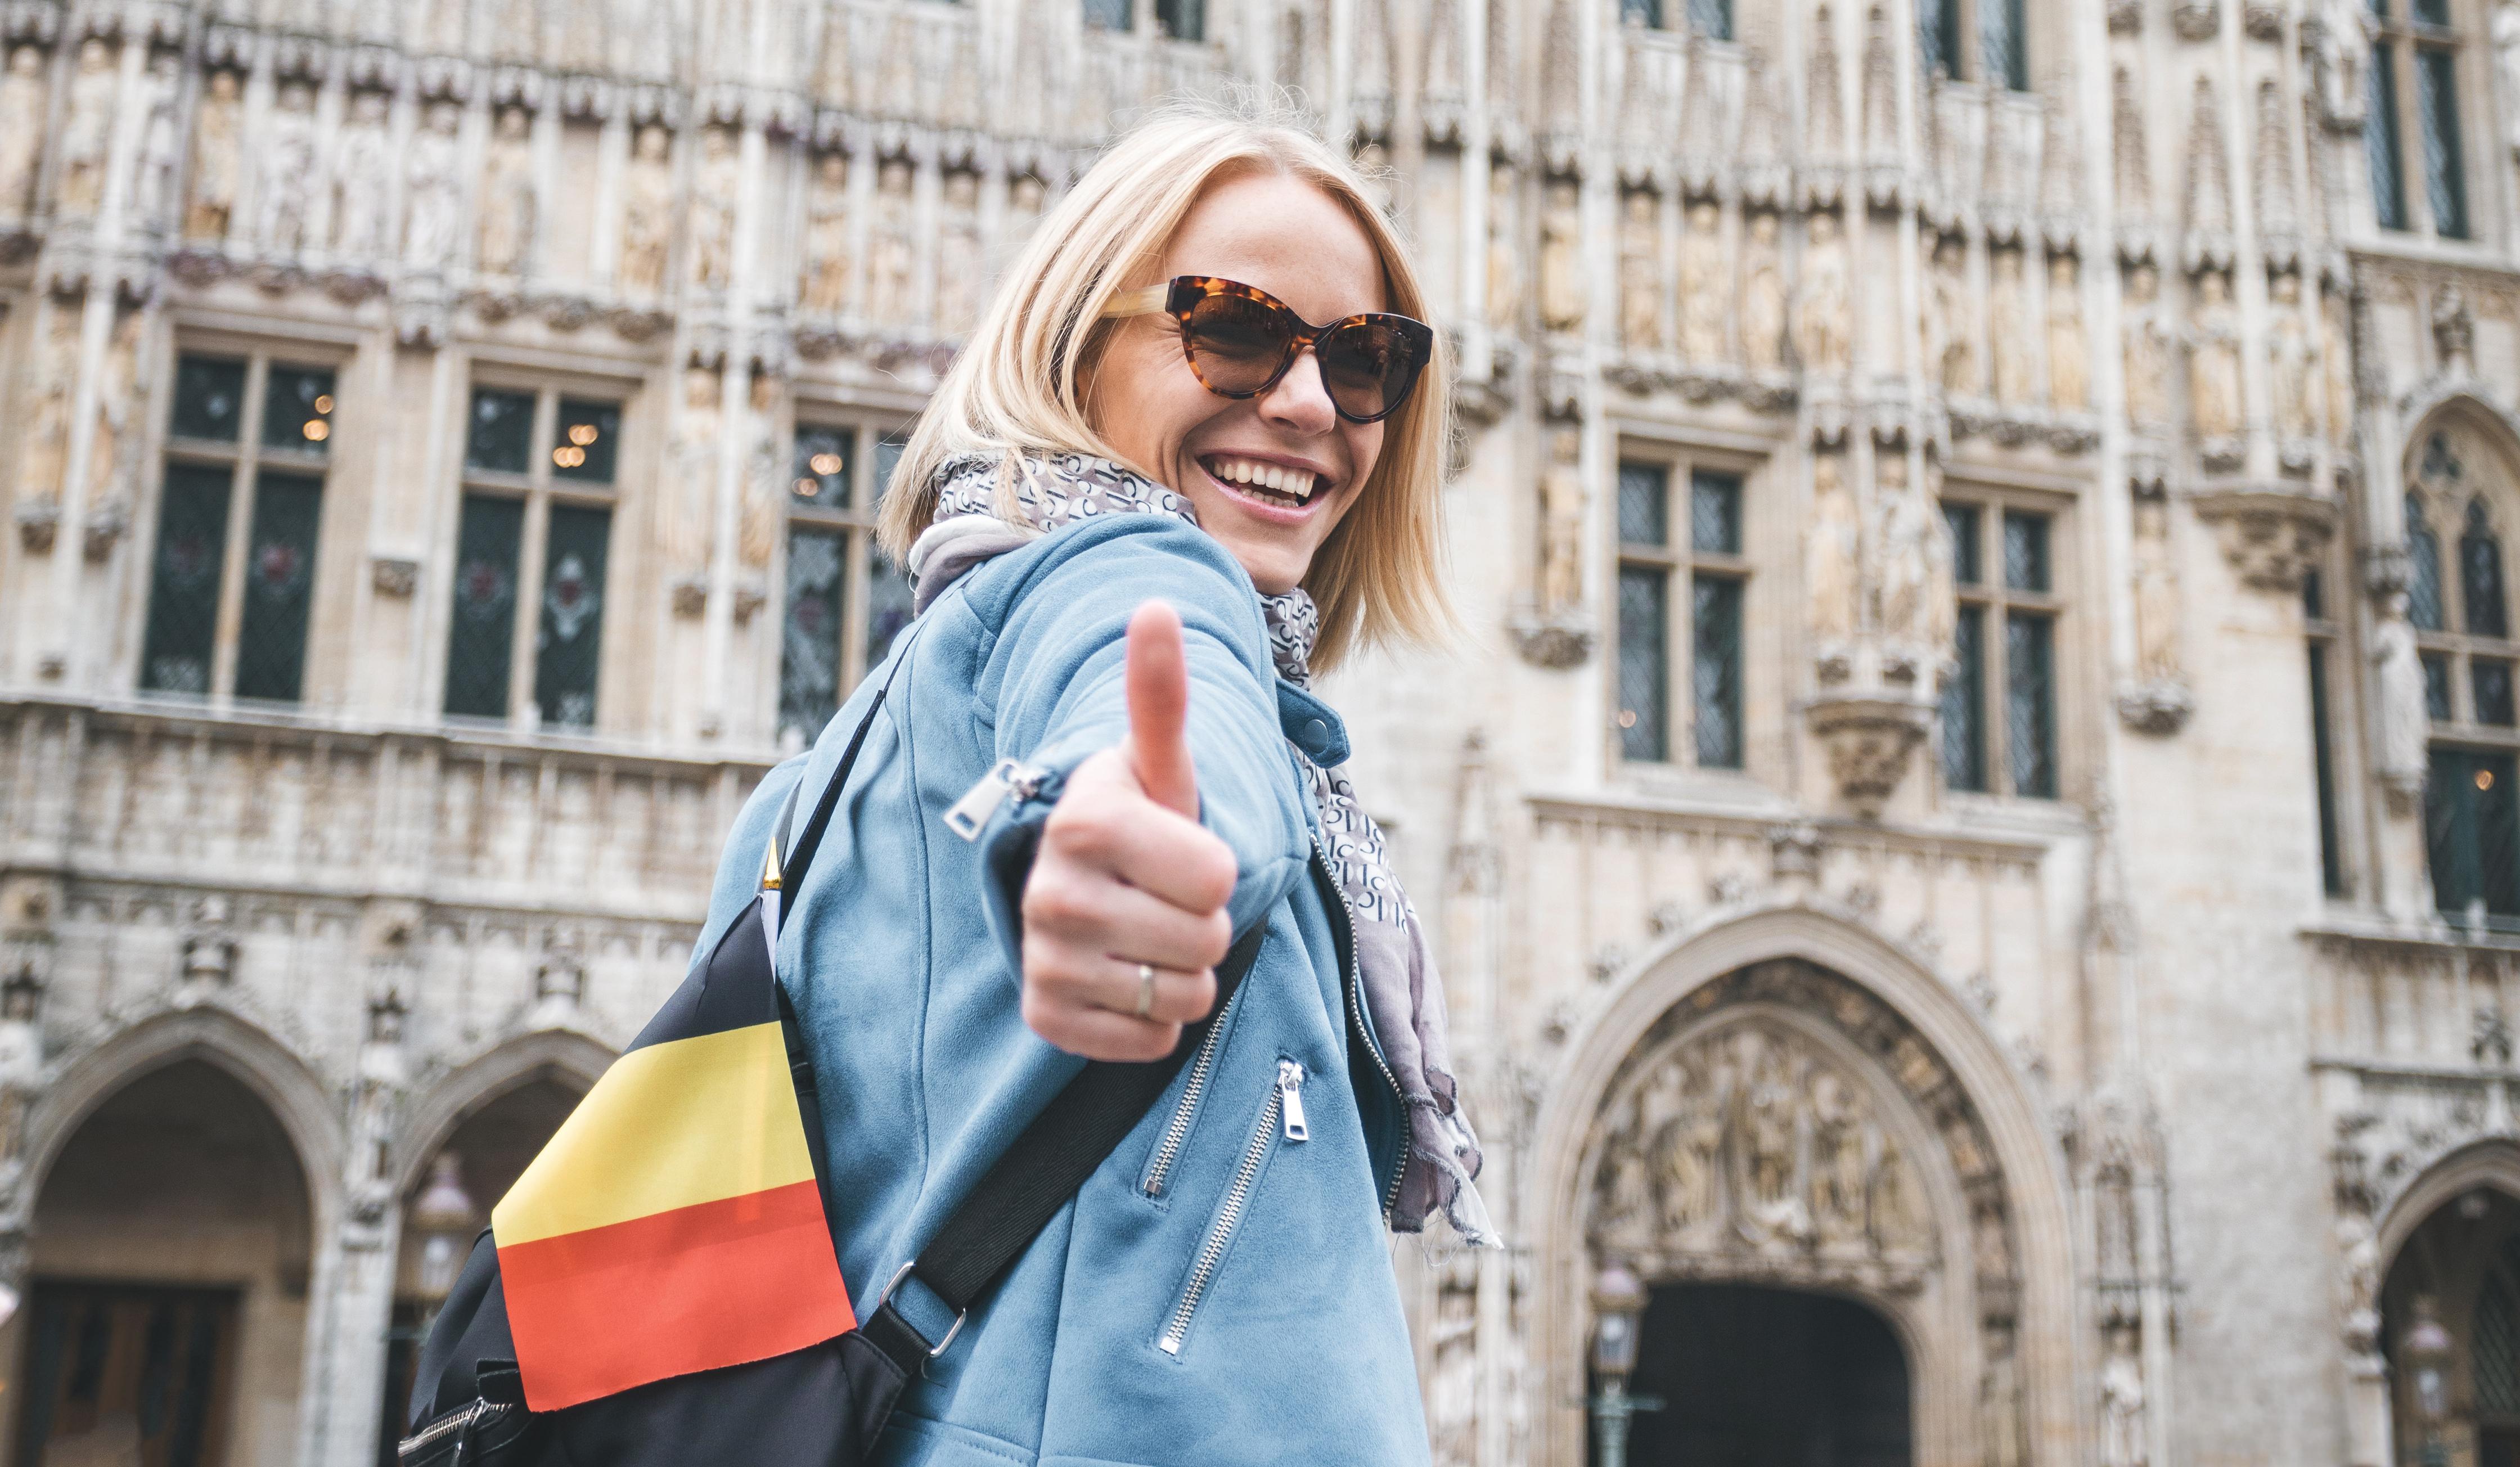 Девушка с флагом Бельгии, ВНЖ которой могут оформить иностранцы